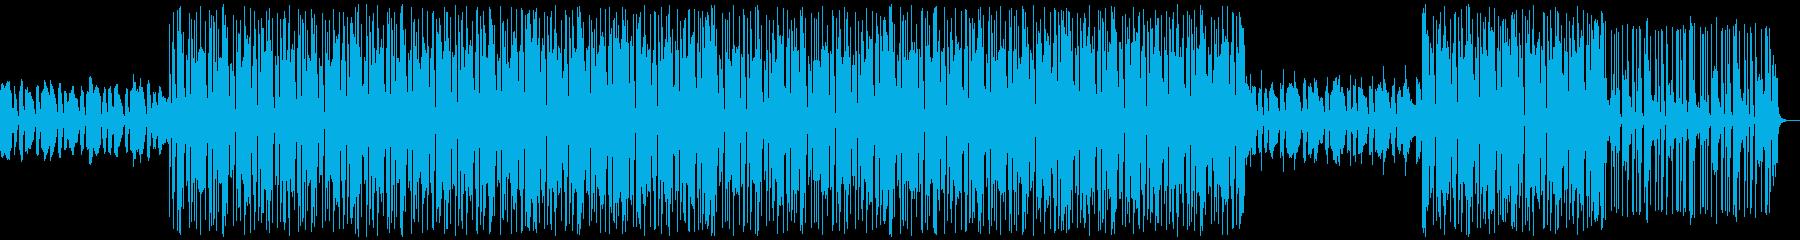 リラックスできる優しいソフトピアノジャズの再生済みの波形